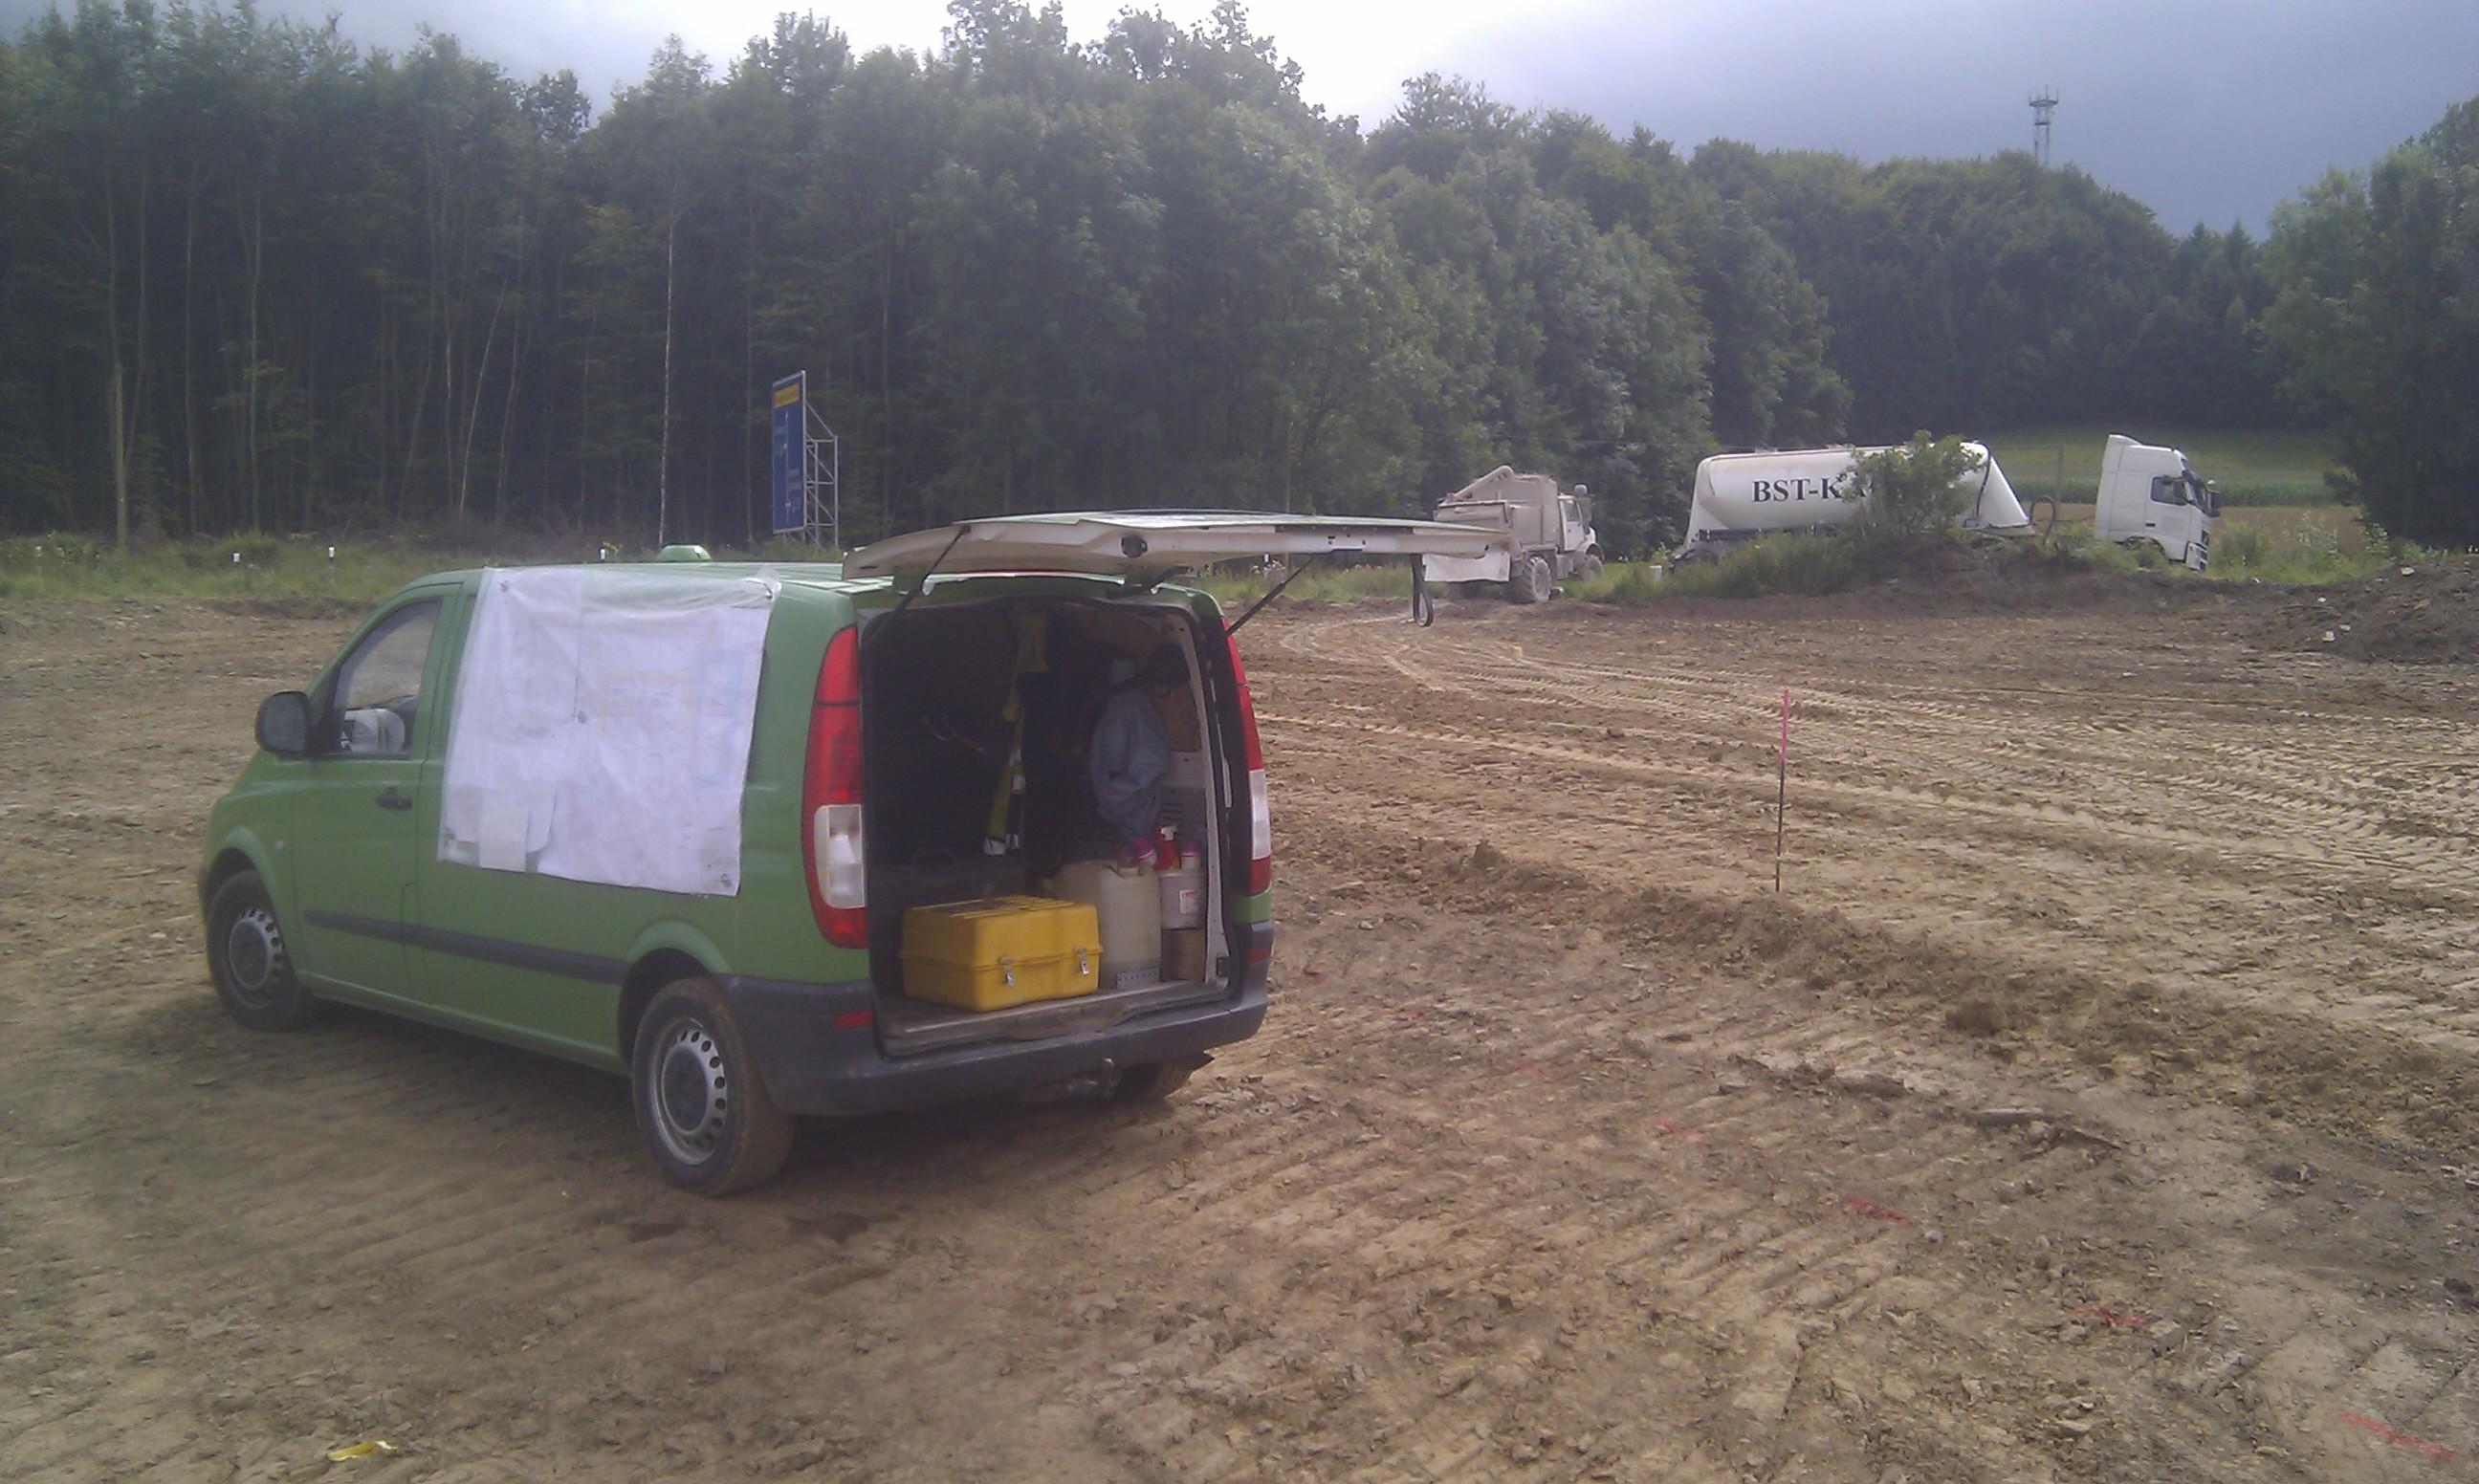 Neuer Standort der RWO Hilter